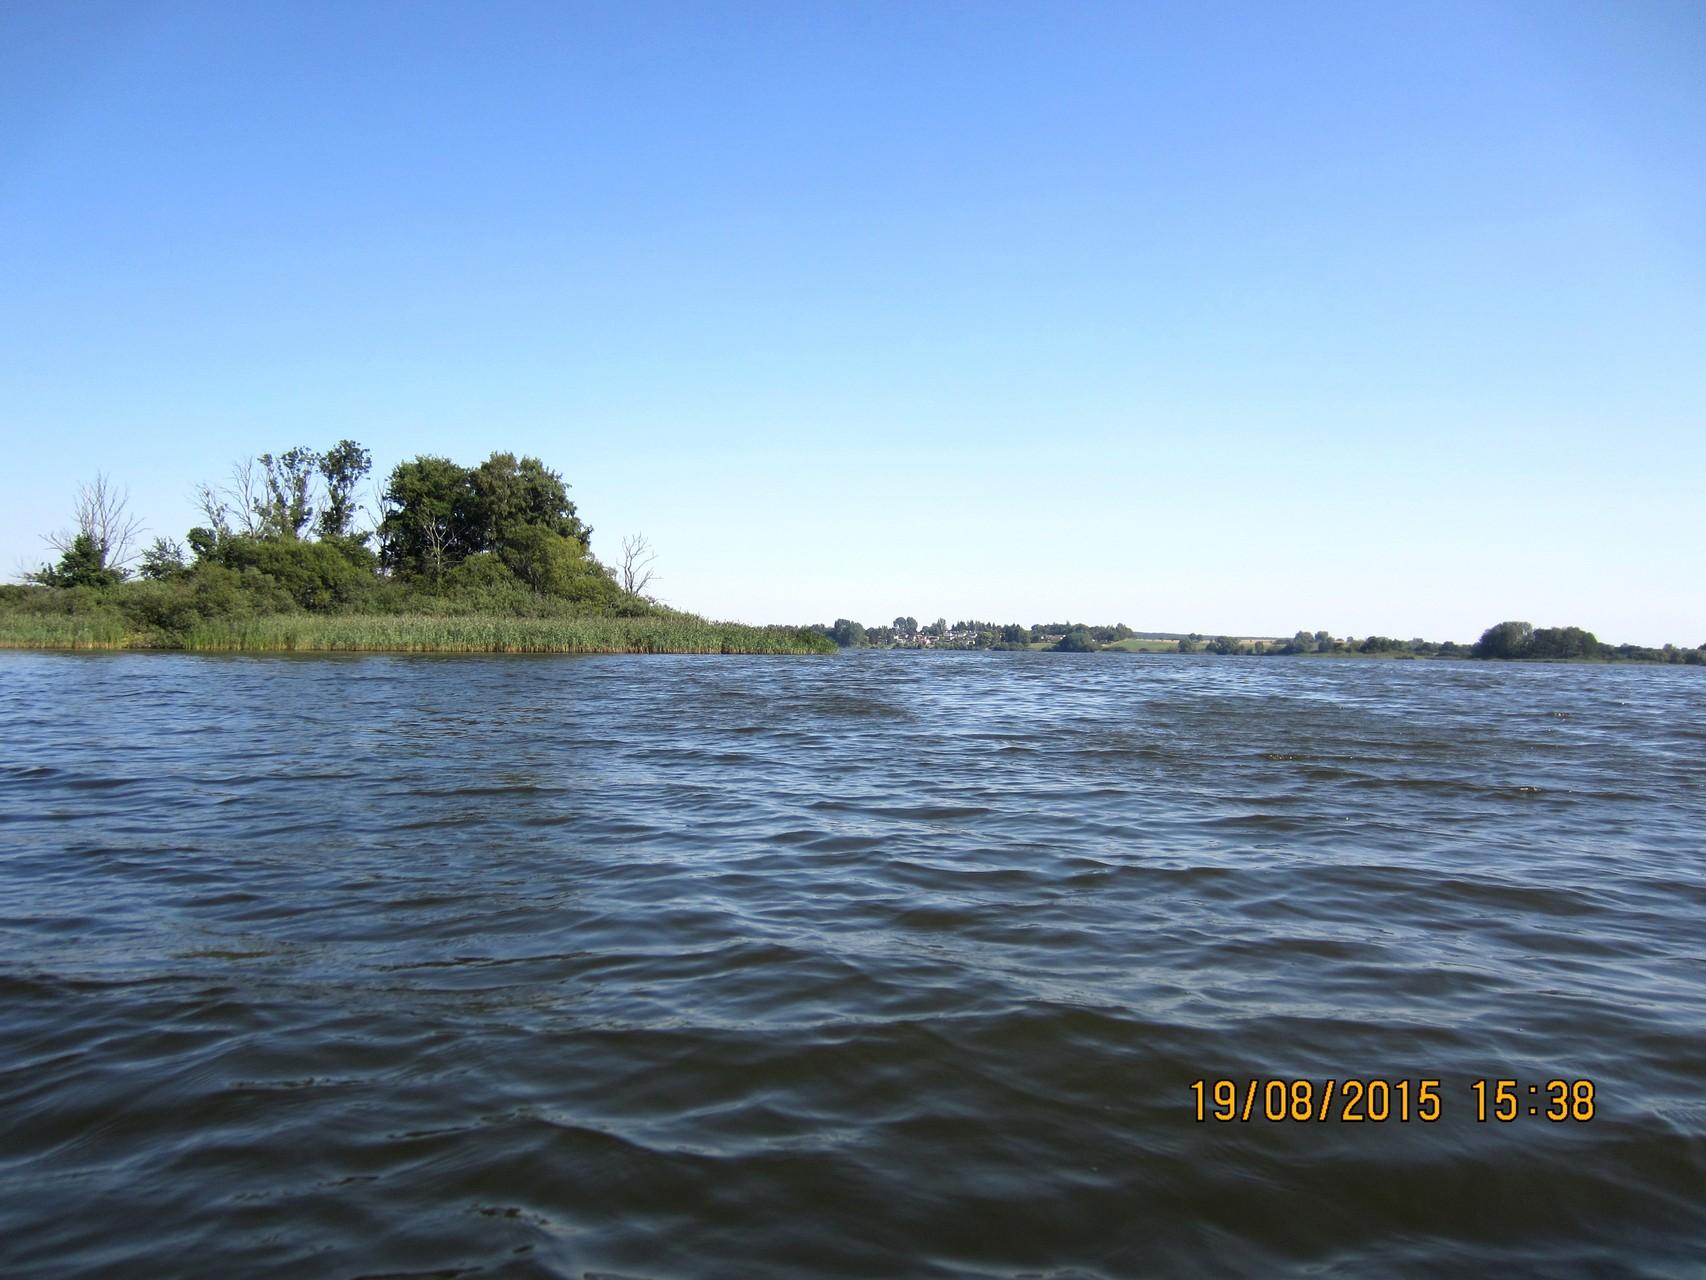 mit dem Boot auf dem Wahrensee unterwegs